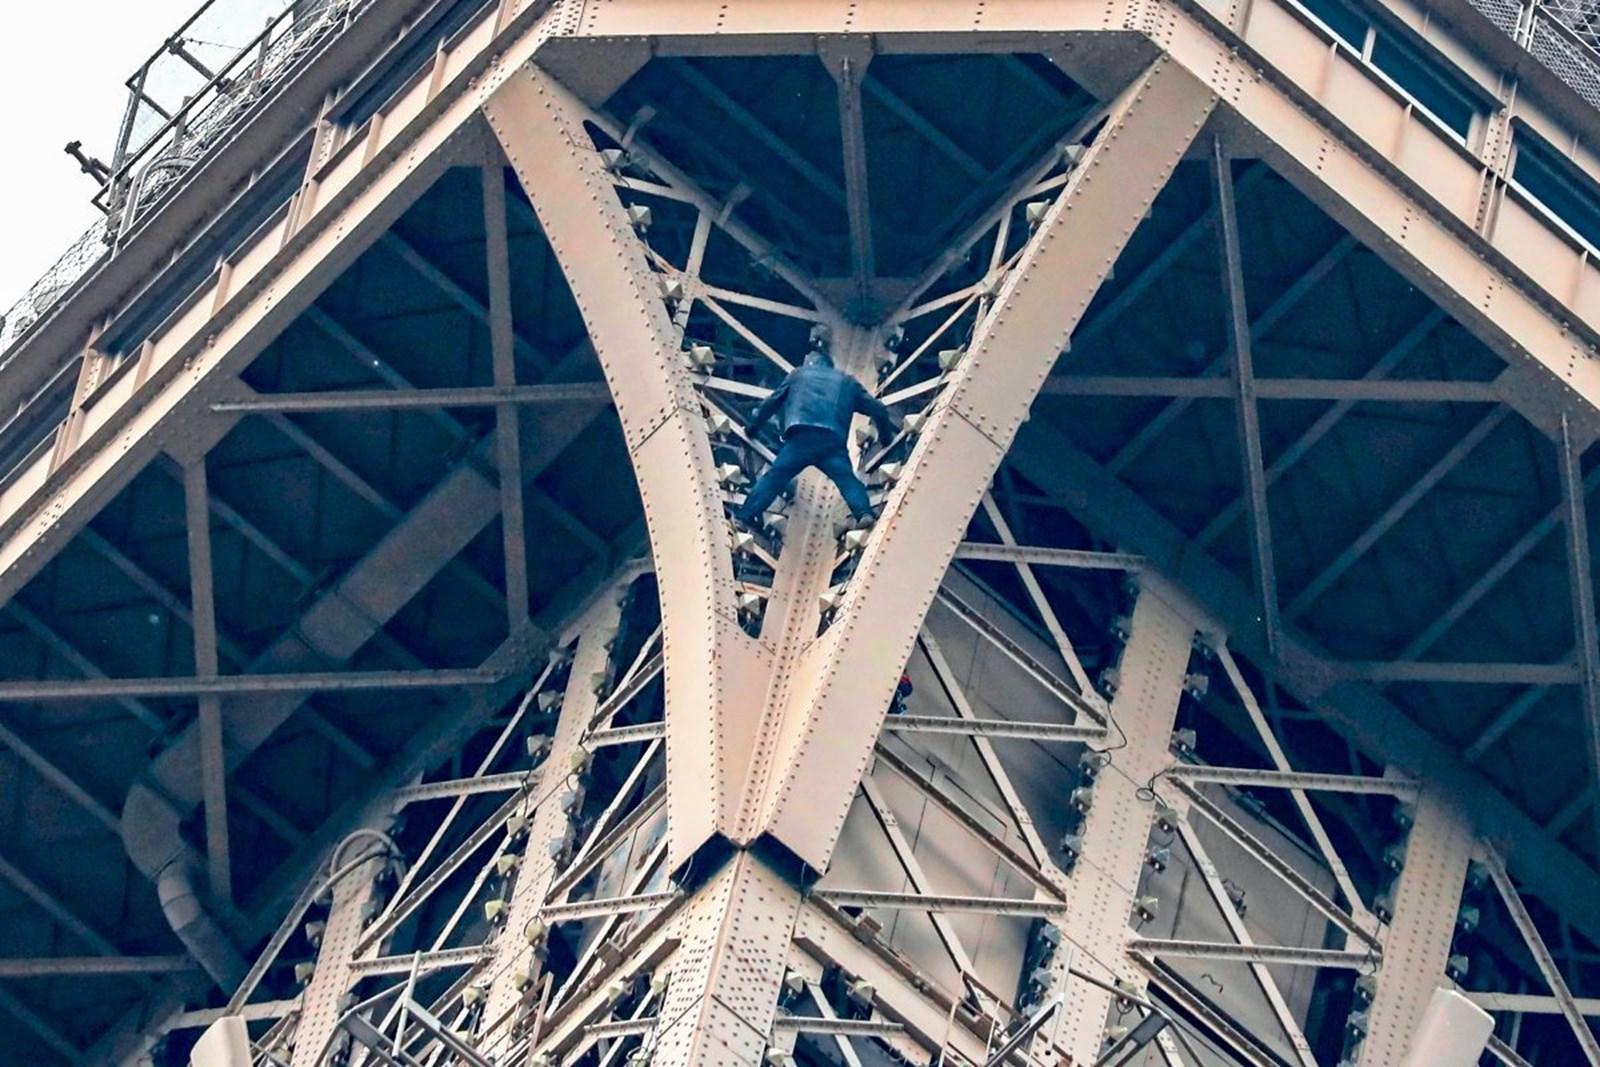 Eiffelturm in Paris wegen Kletterers gesperrt